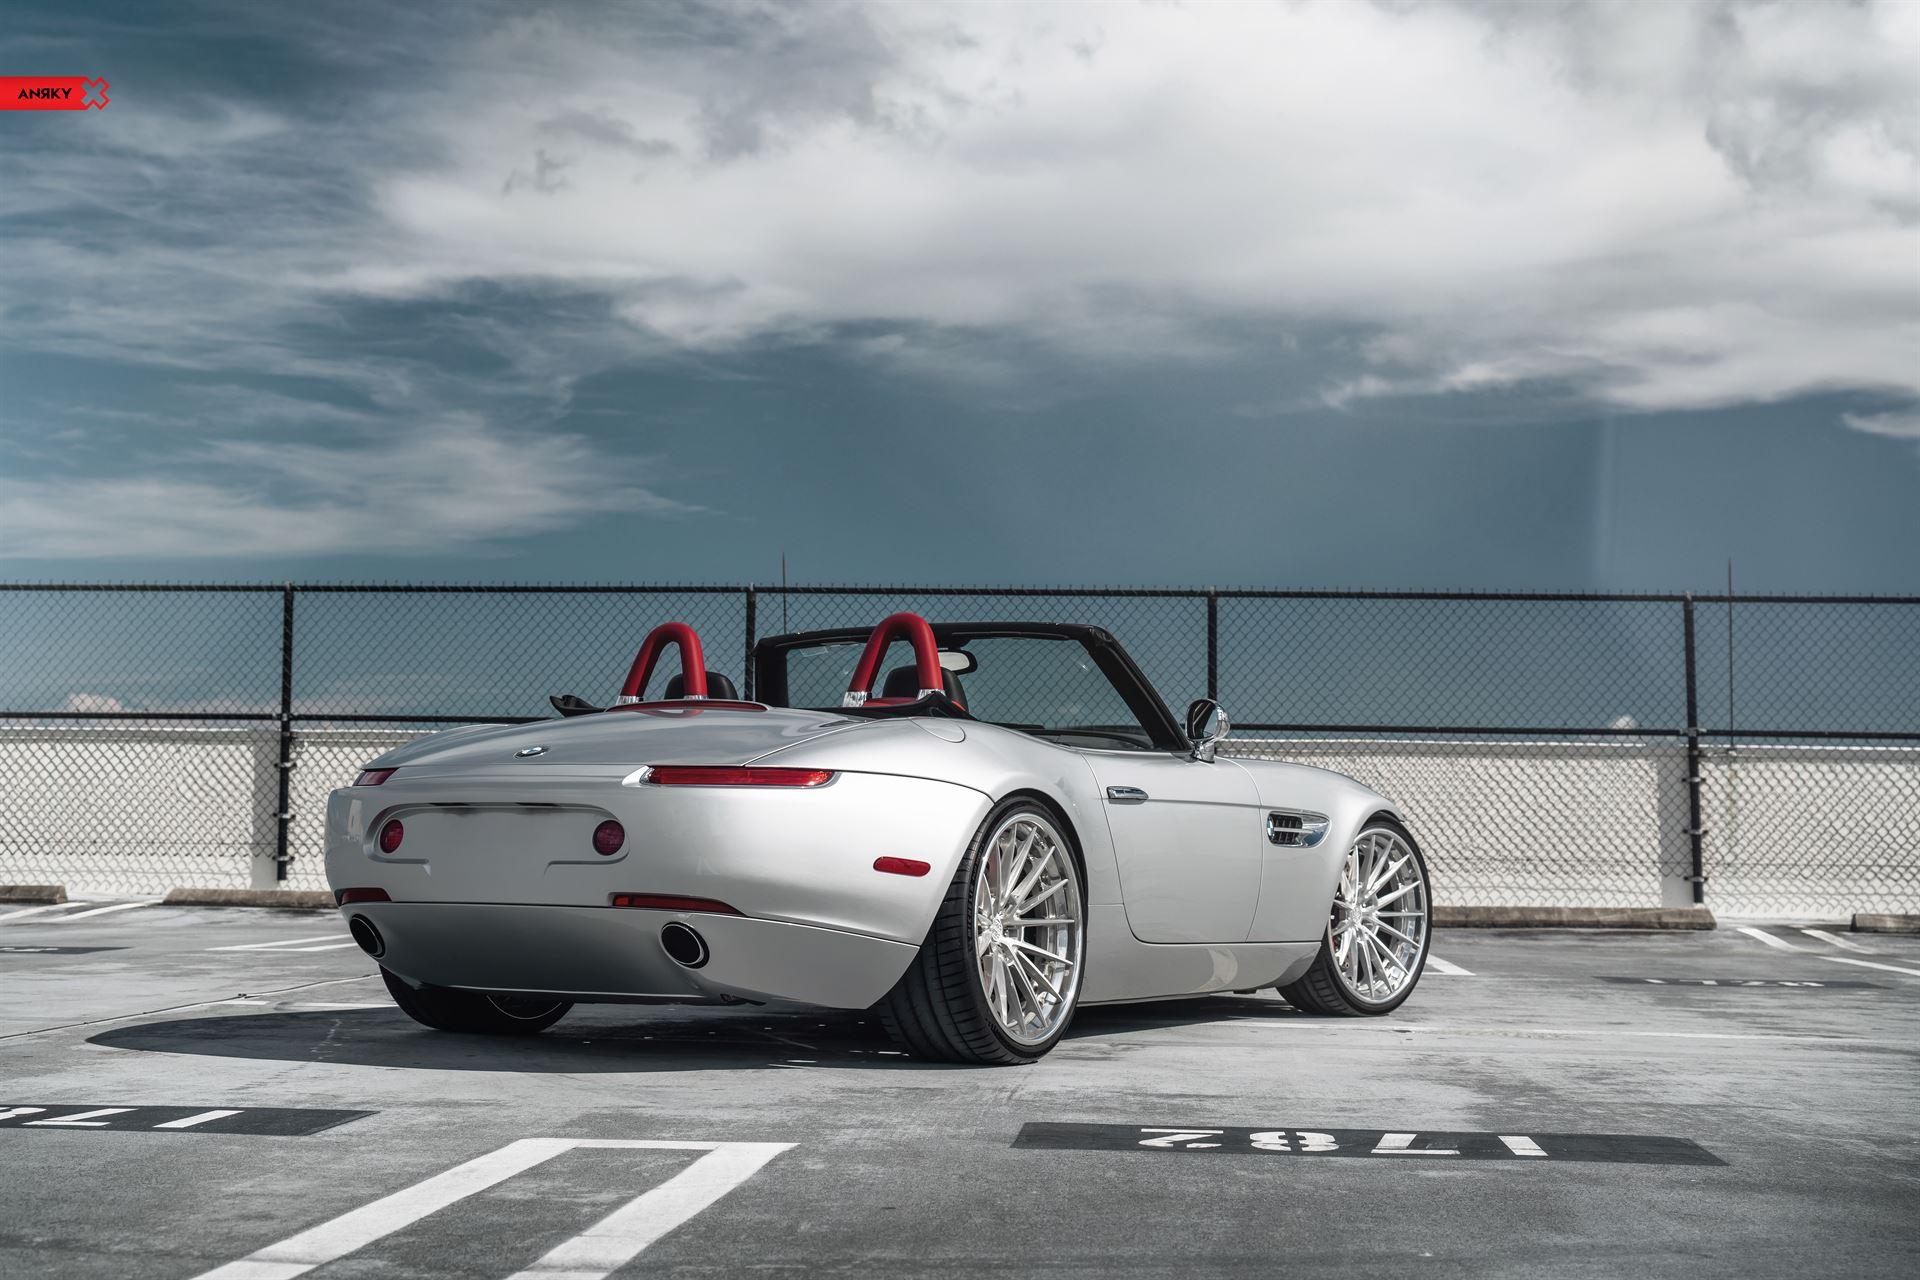 BMW I Series >> AN39 SeriesTHREE - BMW Z8 | Anrky Wheels